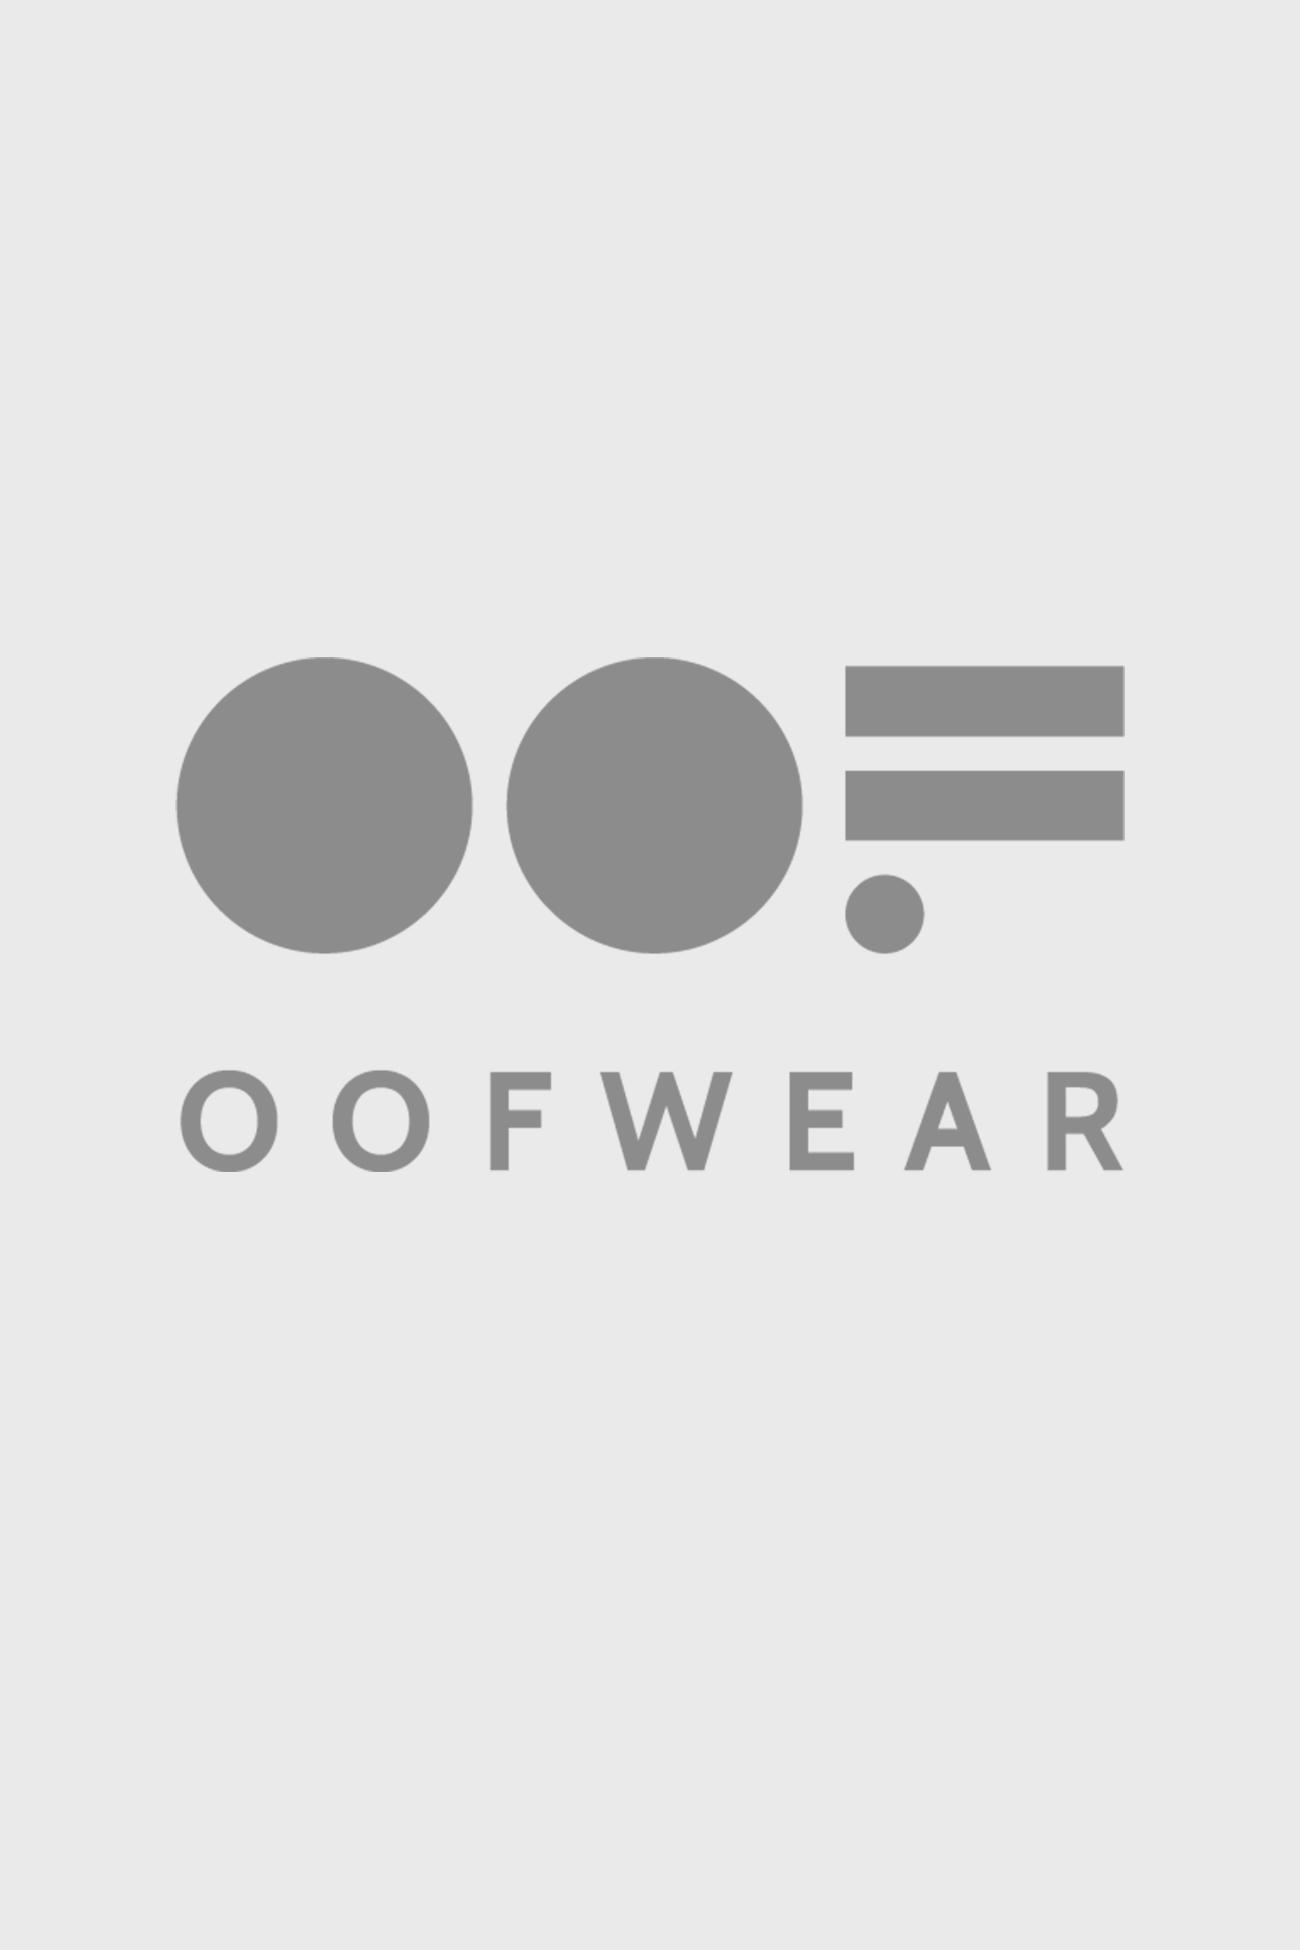 V-neck sweatshirt 4004 in cotton orange